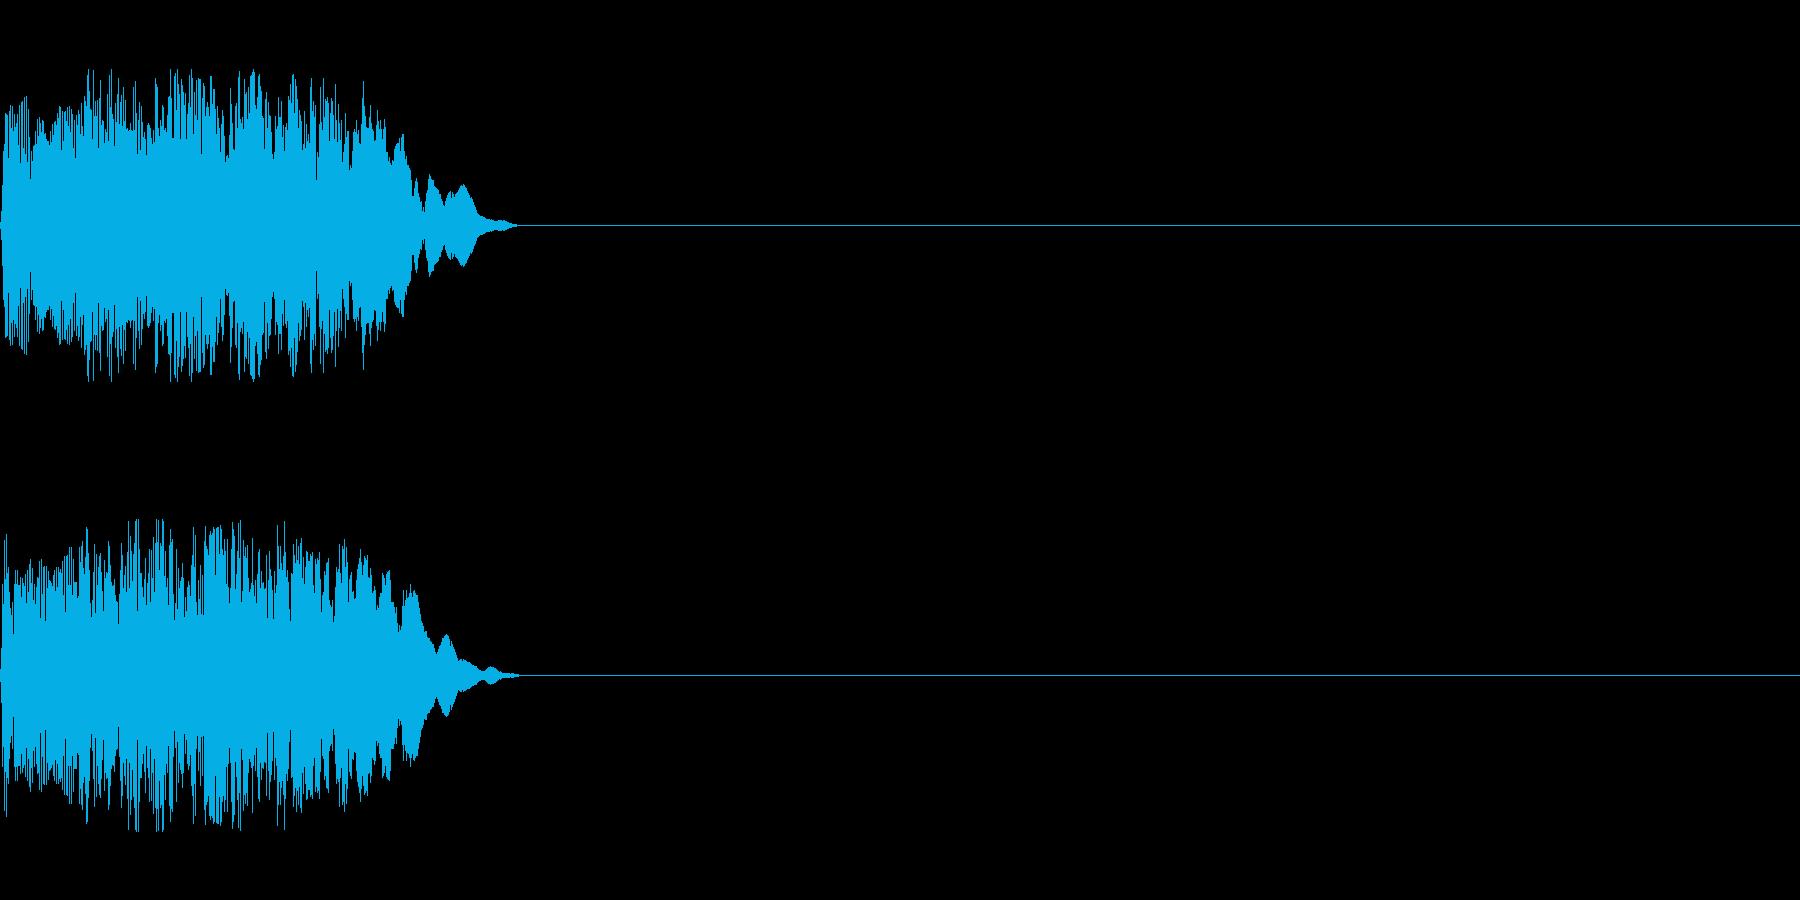 シンセサイザー レベルアップ/達成/成功の再生済みの波形